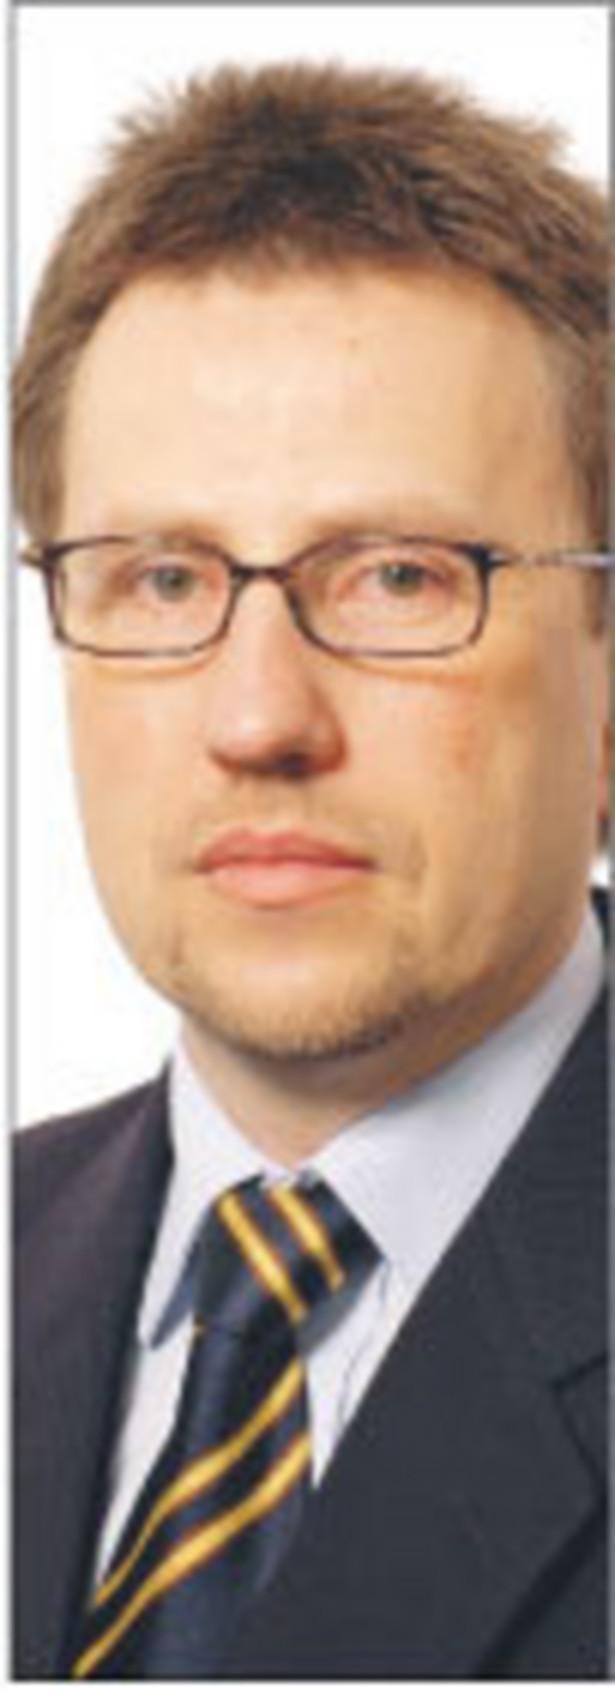 Ireneusz Matusiak, radca prawny z kancelarii TGC Corporate Lawyers